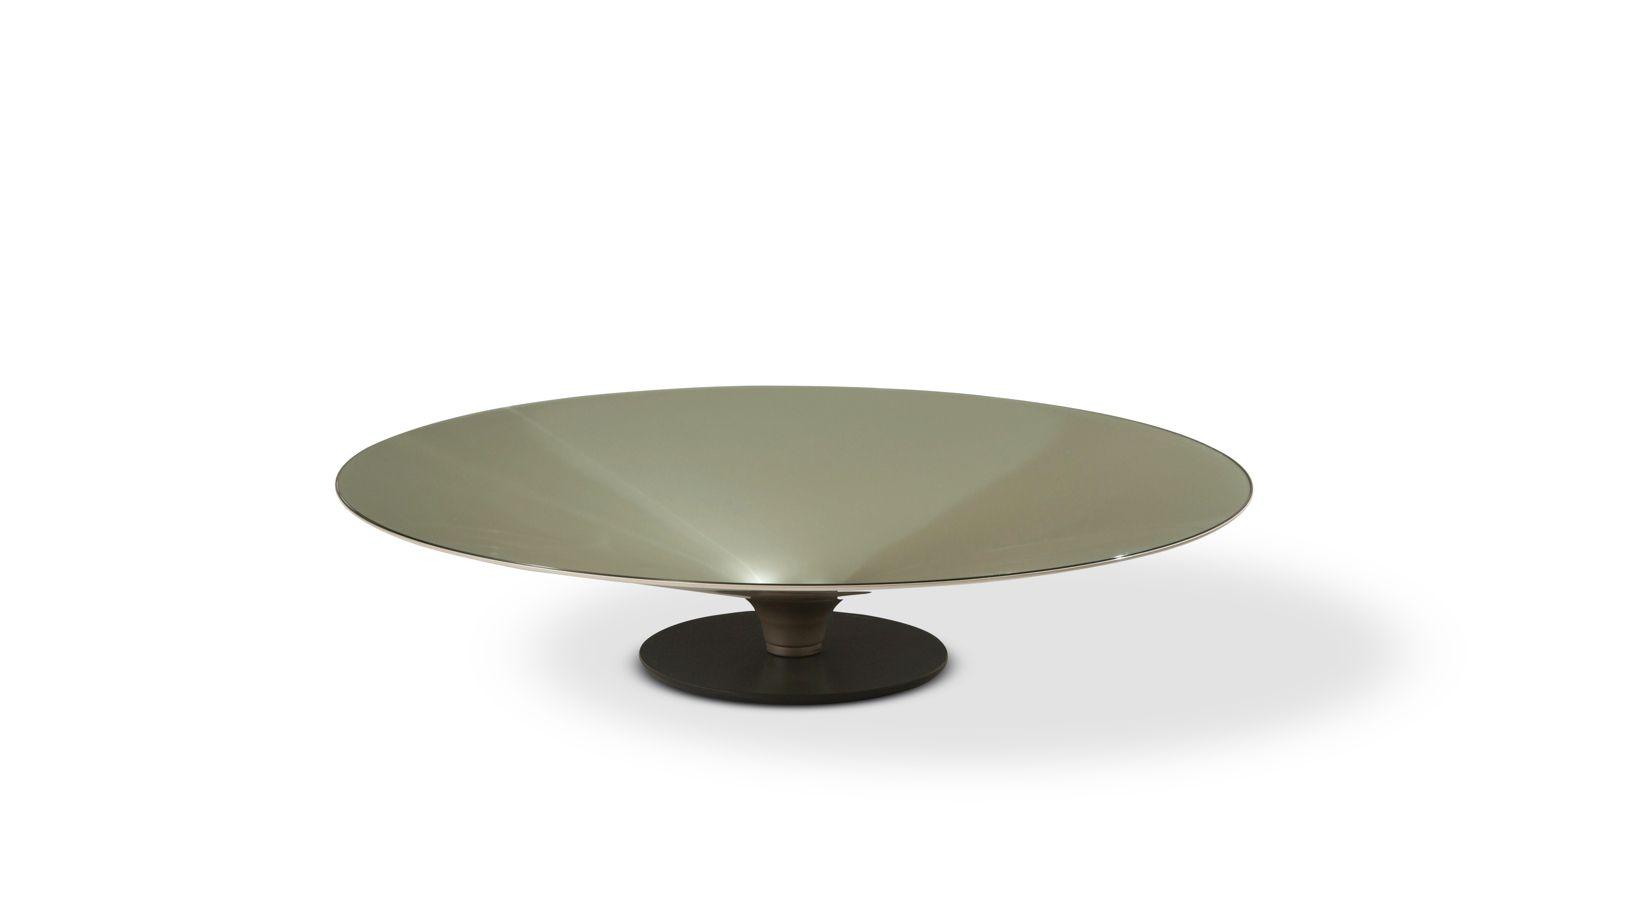 Table basse ovni roche bobois for Table basse ovni roche bobois